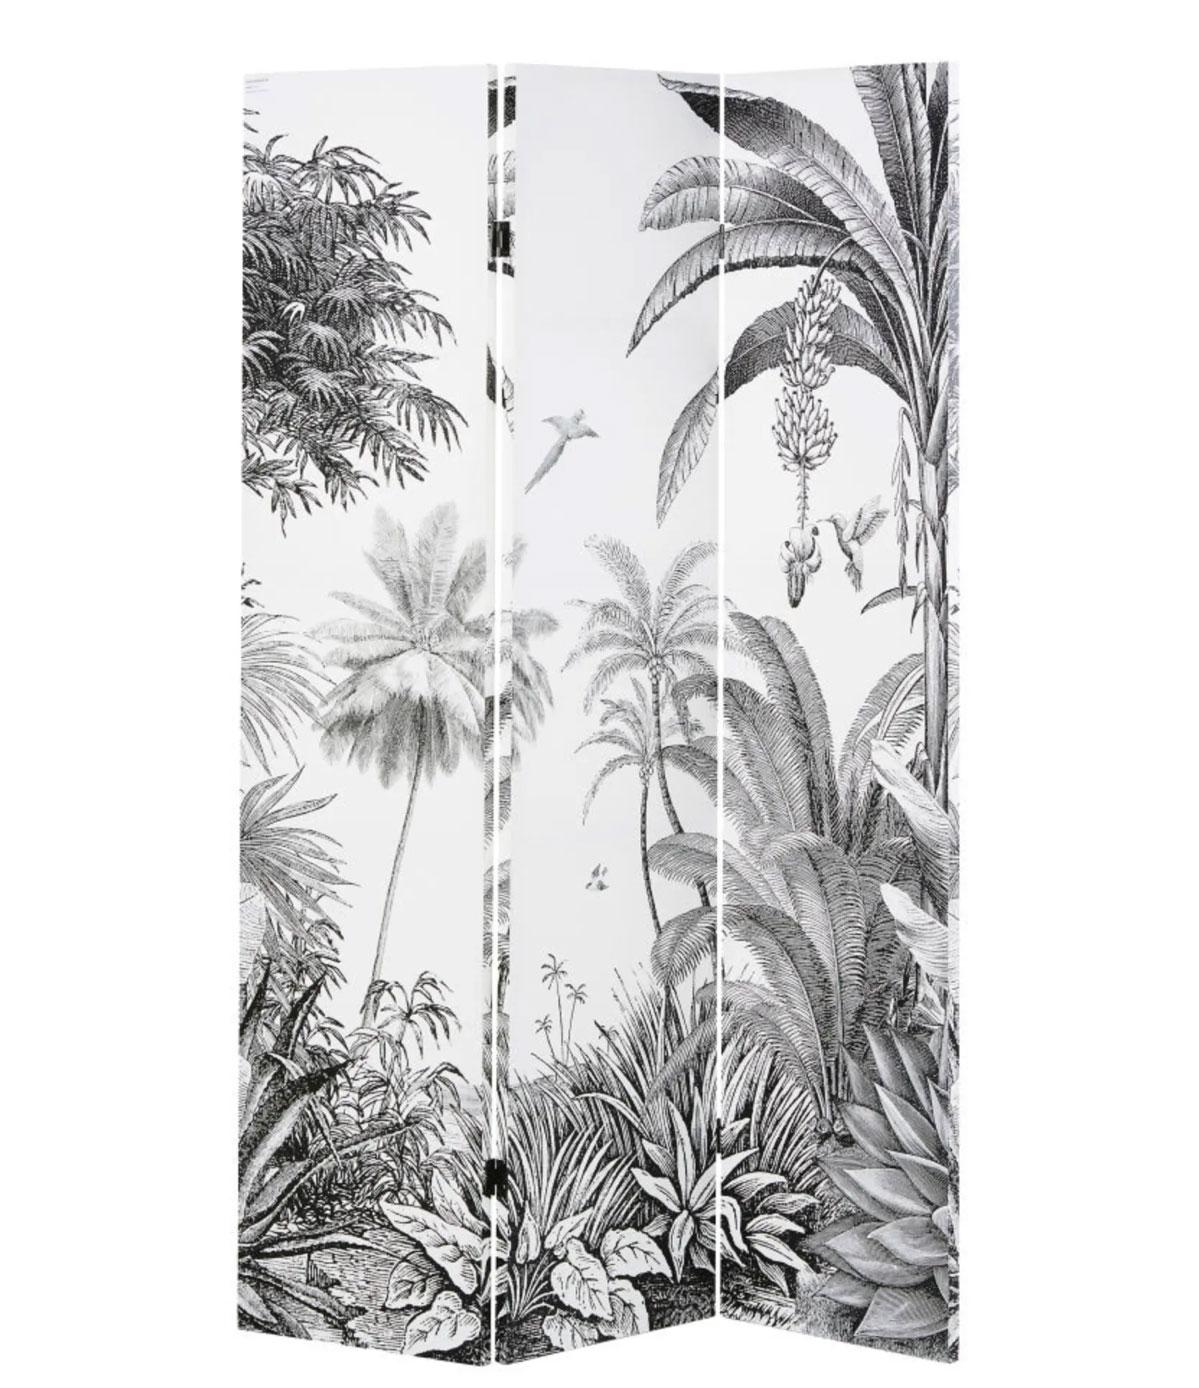 PARADISE- Biombo con impresión de bosque tropical en blanco y negro